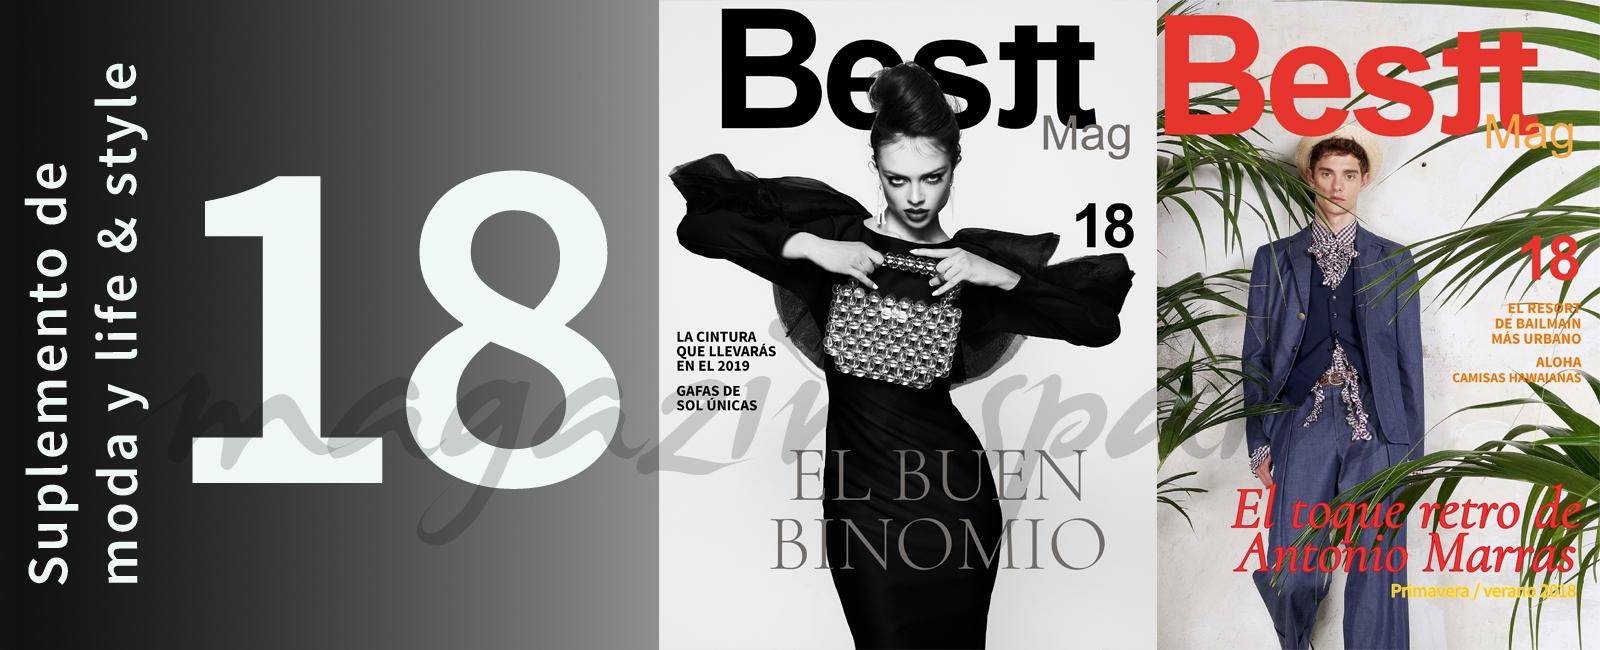 Bestt Mag #18